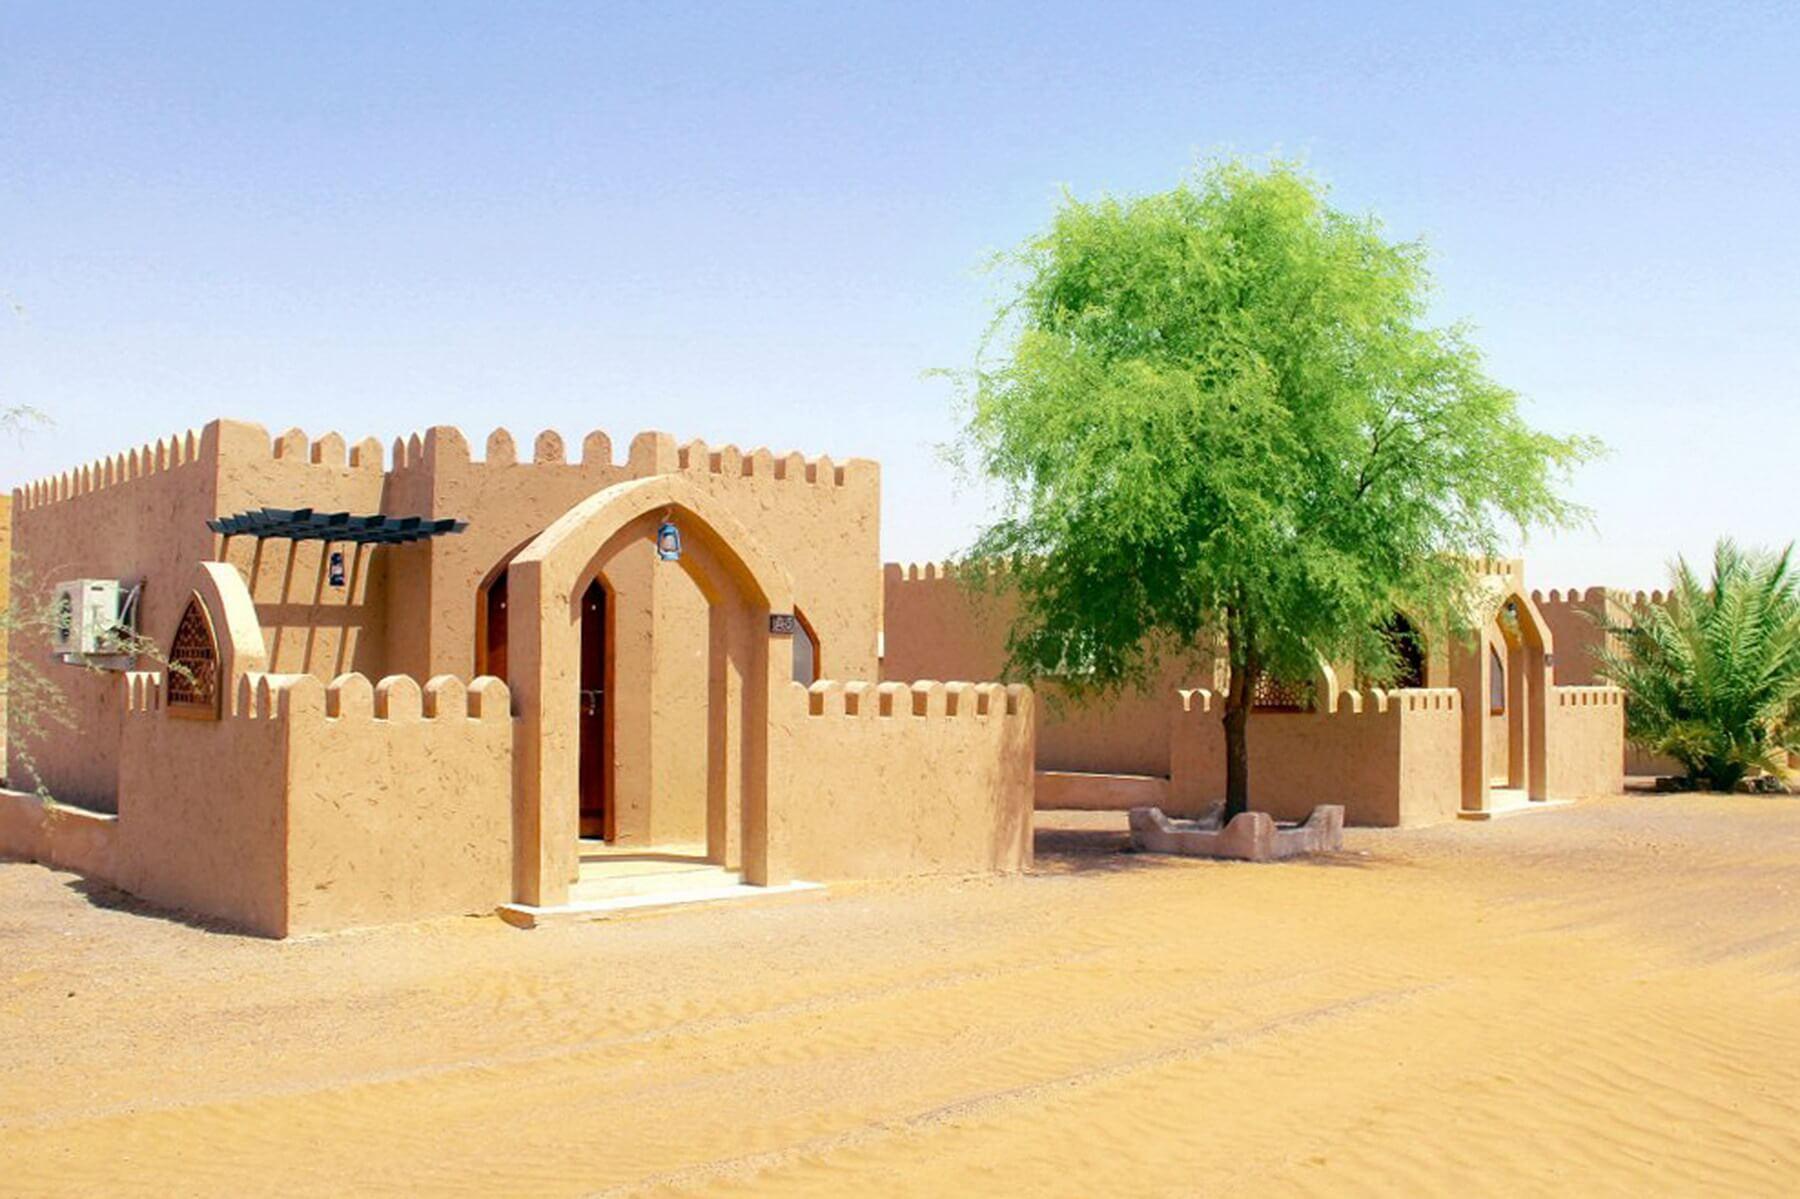 Aussenansicht der typischen Deluxe Zimmer im Arabian Oryx Camp in der Wüste Scharqiyya Sands